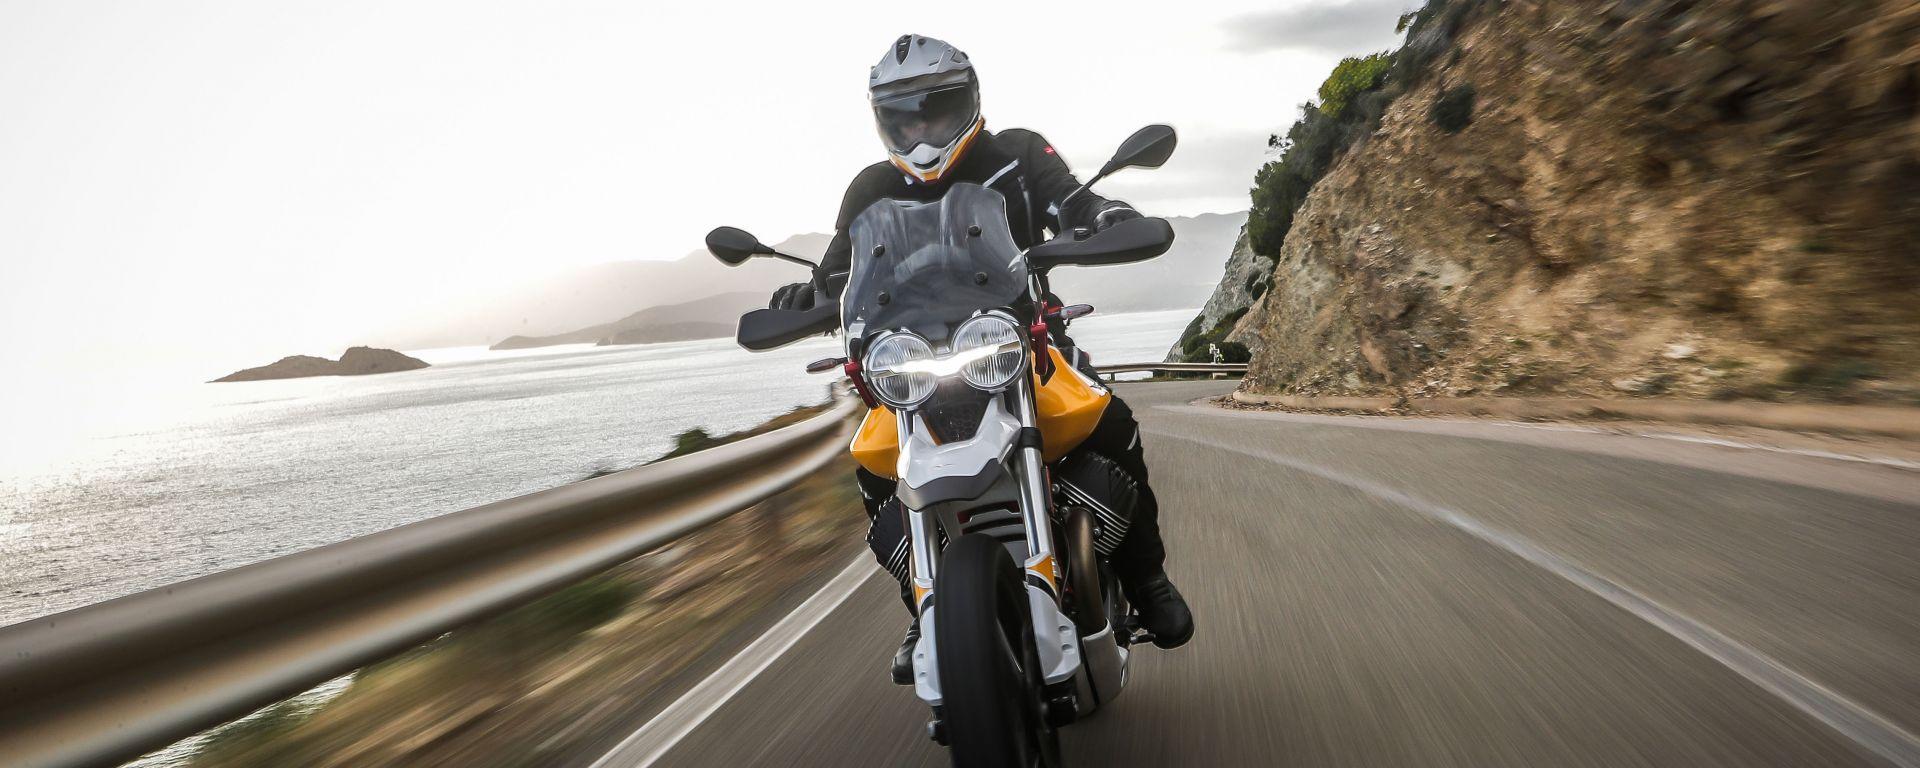 Nuova Moto Guzzi V85 TT in promozione: l'offerta di maggio